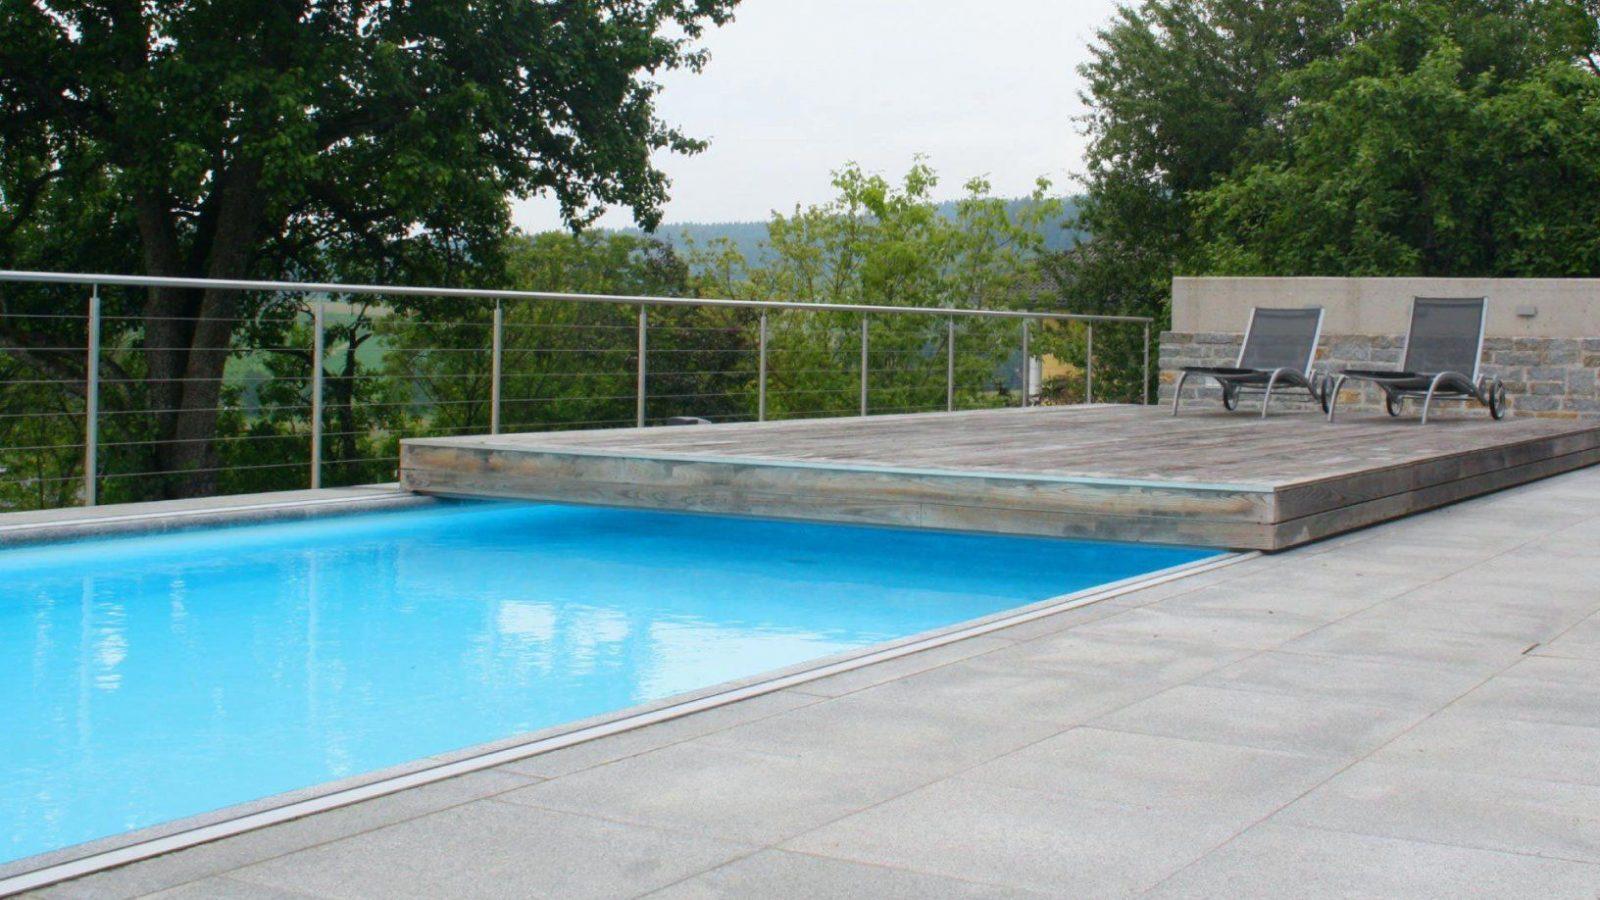 Poolabdeckung Begehbar Terrasse Preis Flache Begehbare Flash von Pool Deck Selber Bauen Bild